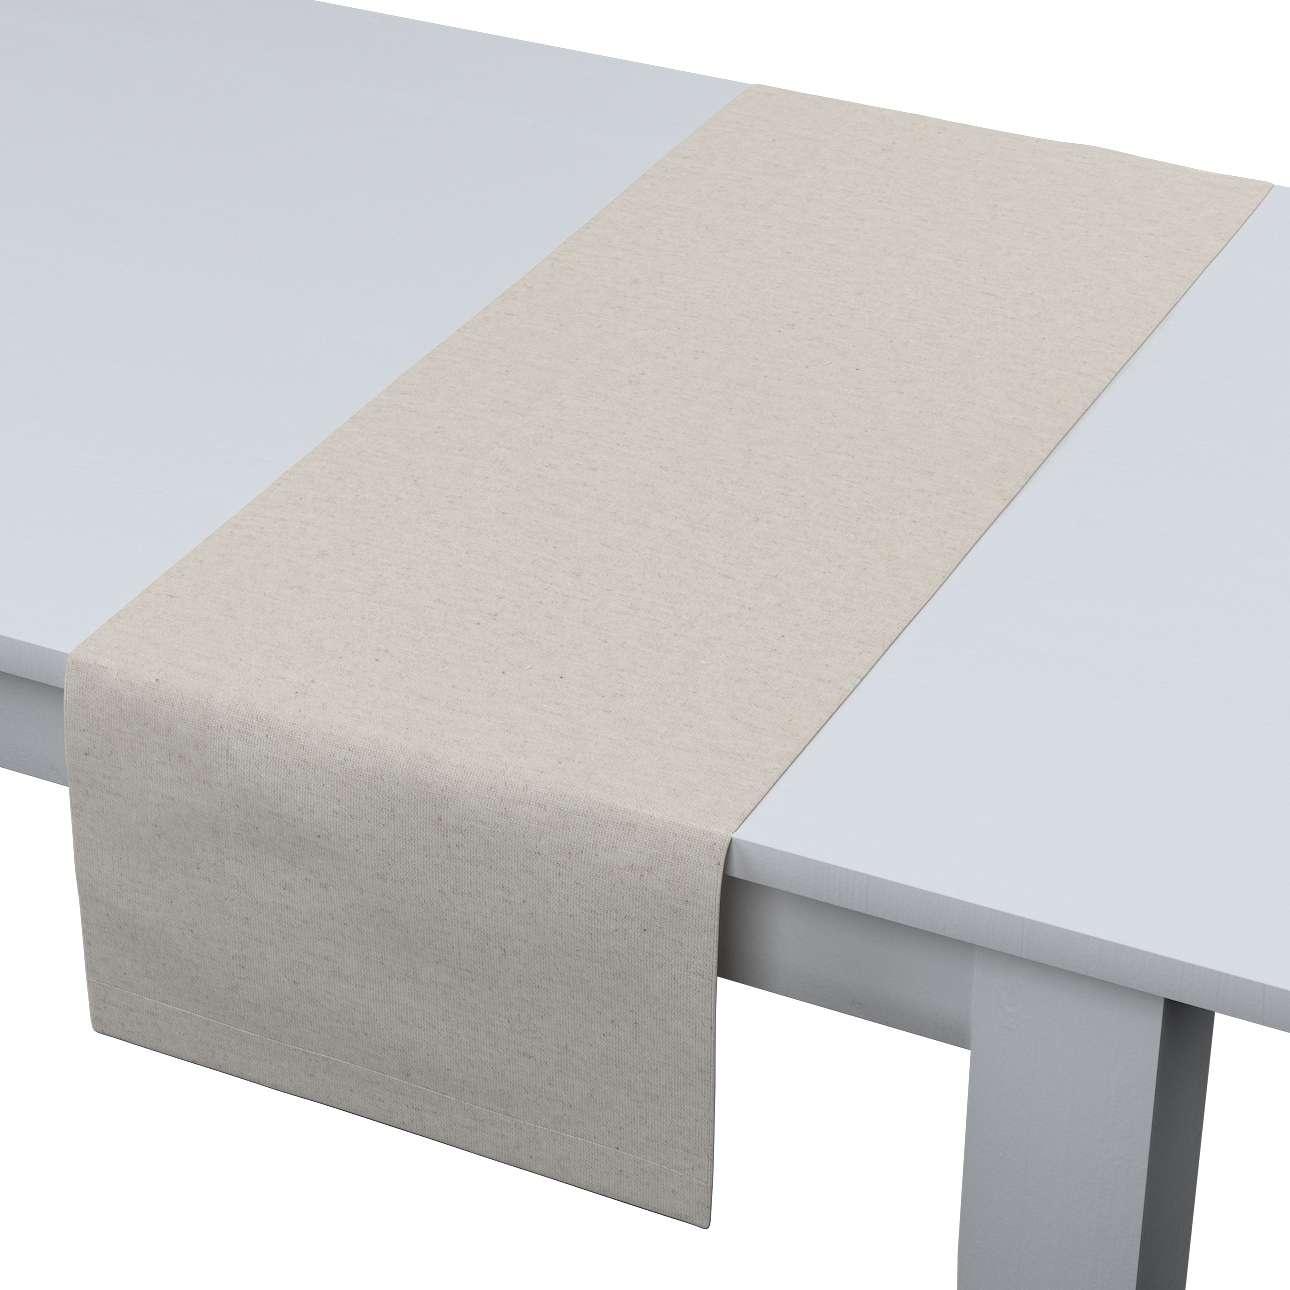 Bieżnik prostokątny 40x130 cm w kolekcji Loneta, tkanina: 133-65